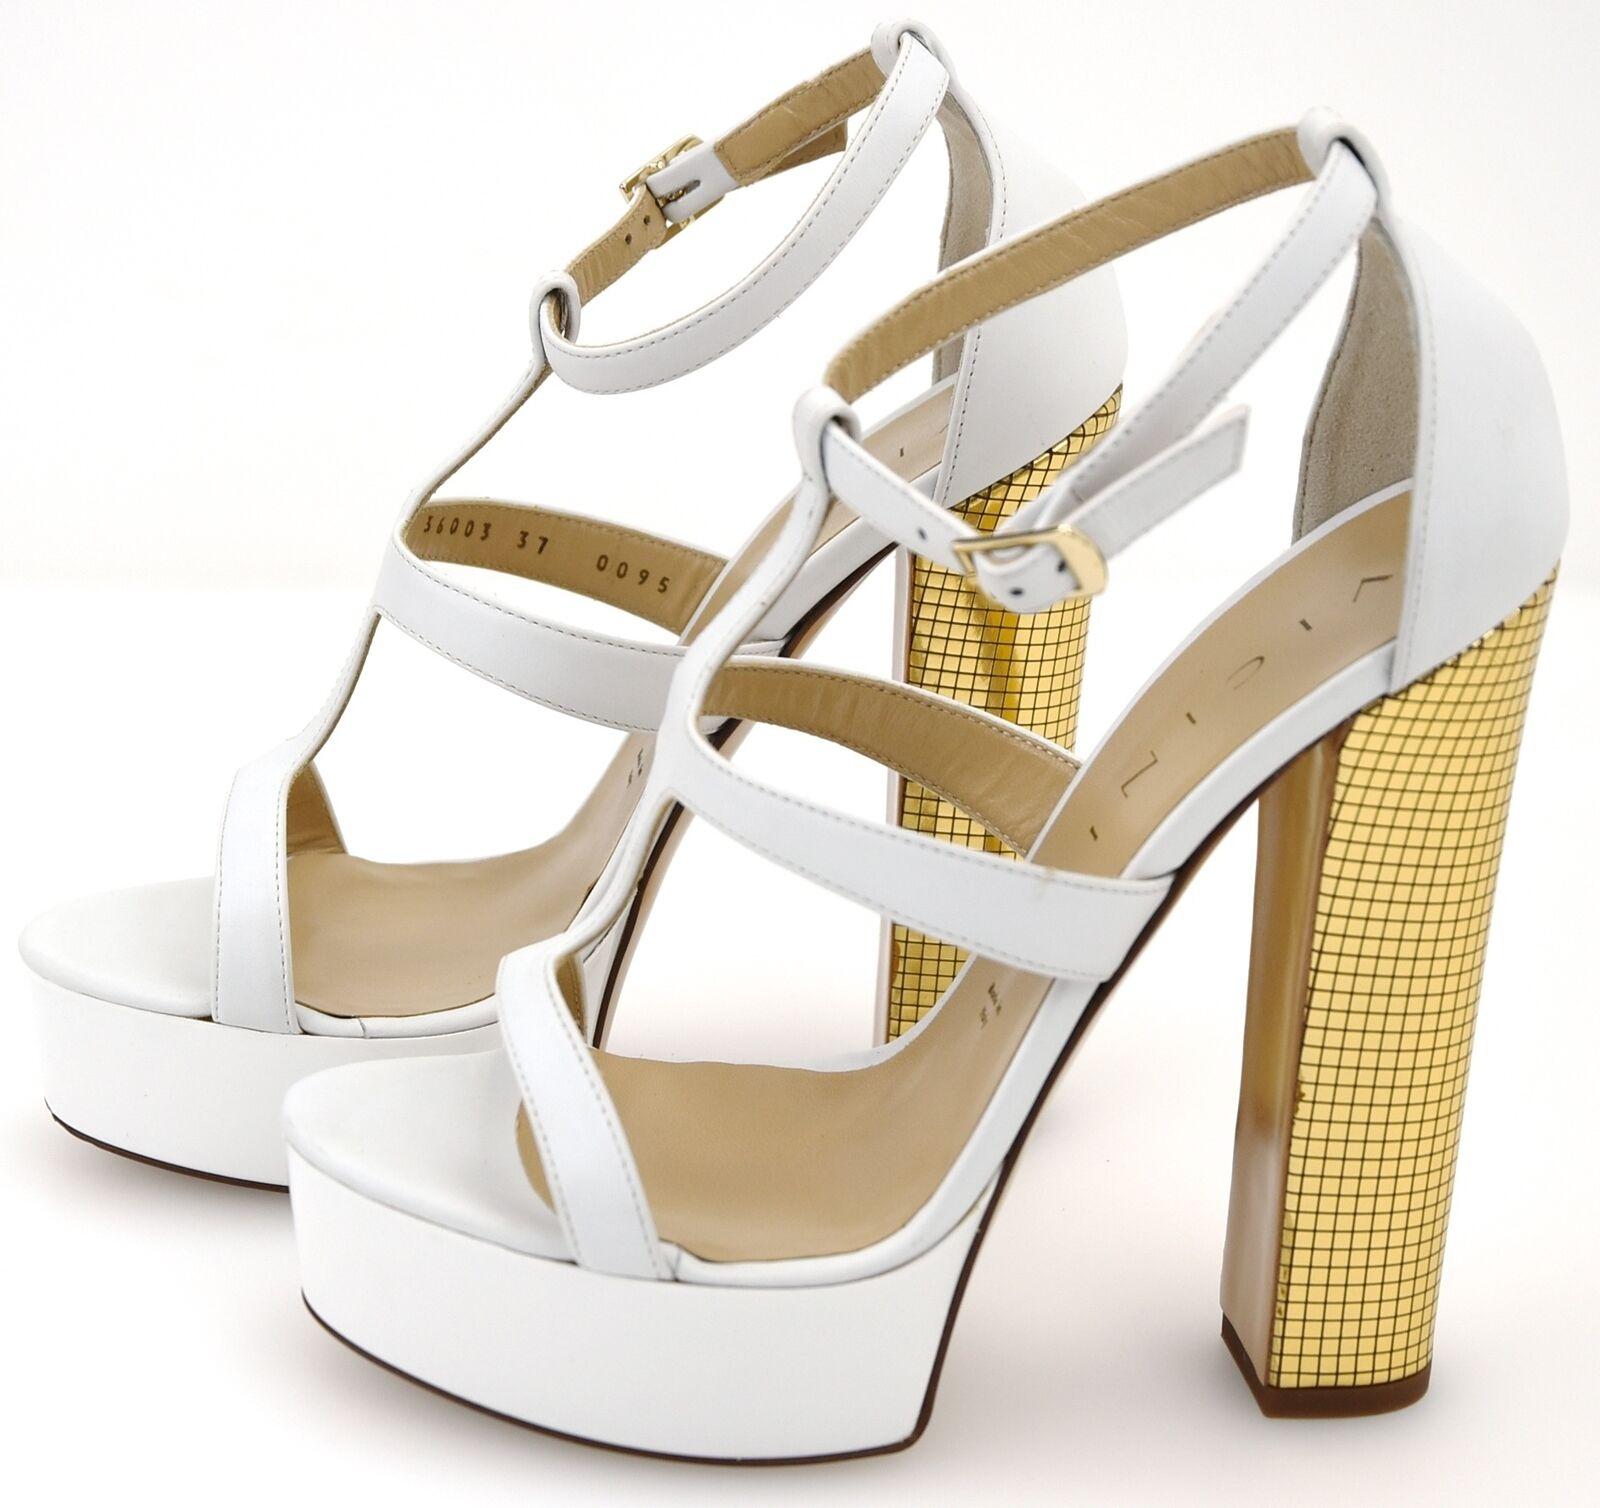 De ArtC30003 Cuero Piel Tacones Aguja Zapatos Sandalias Mujer qVULSMpzG